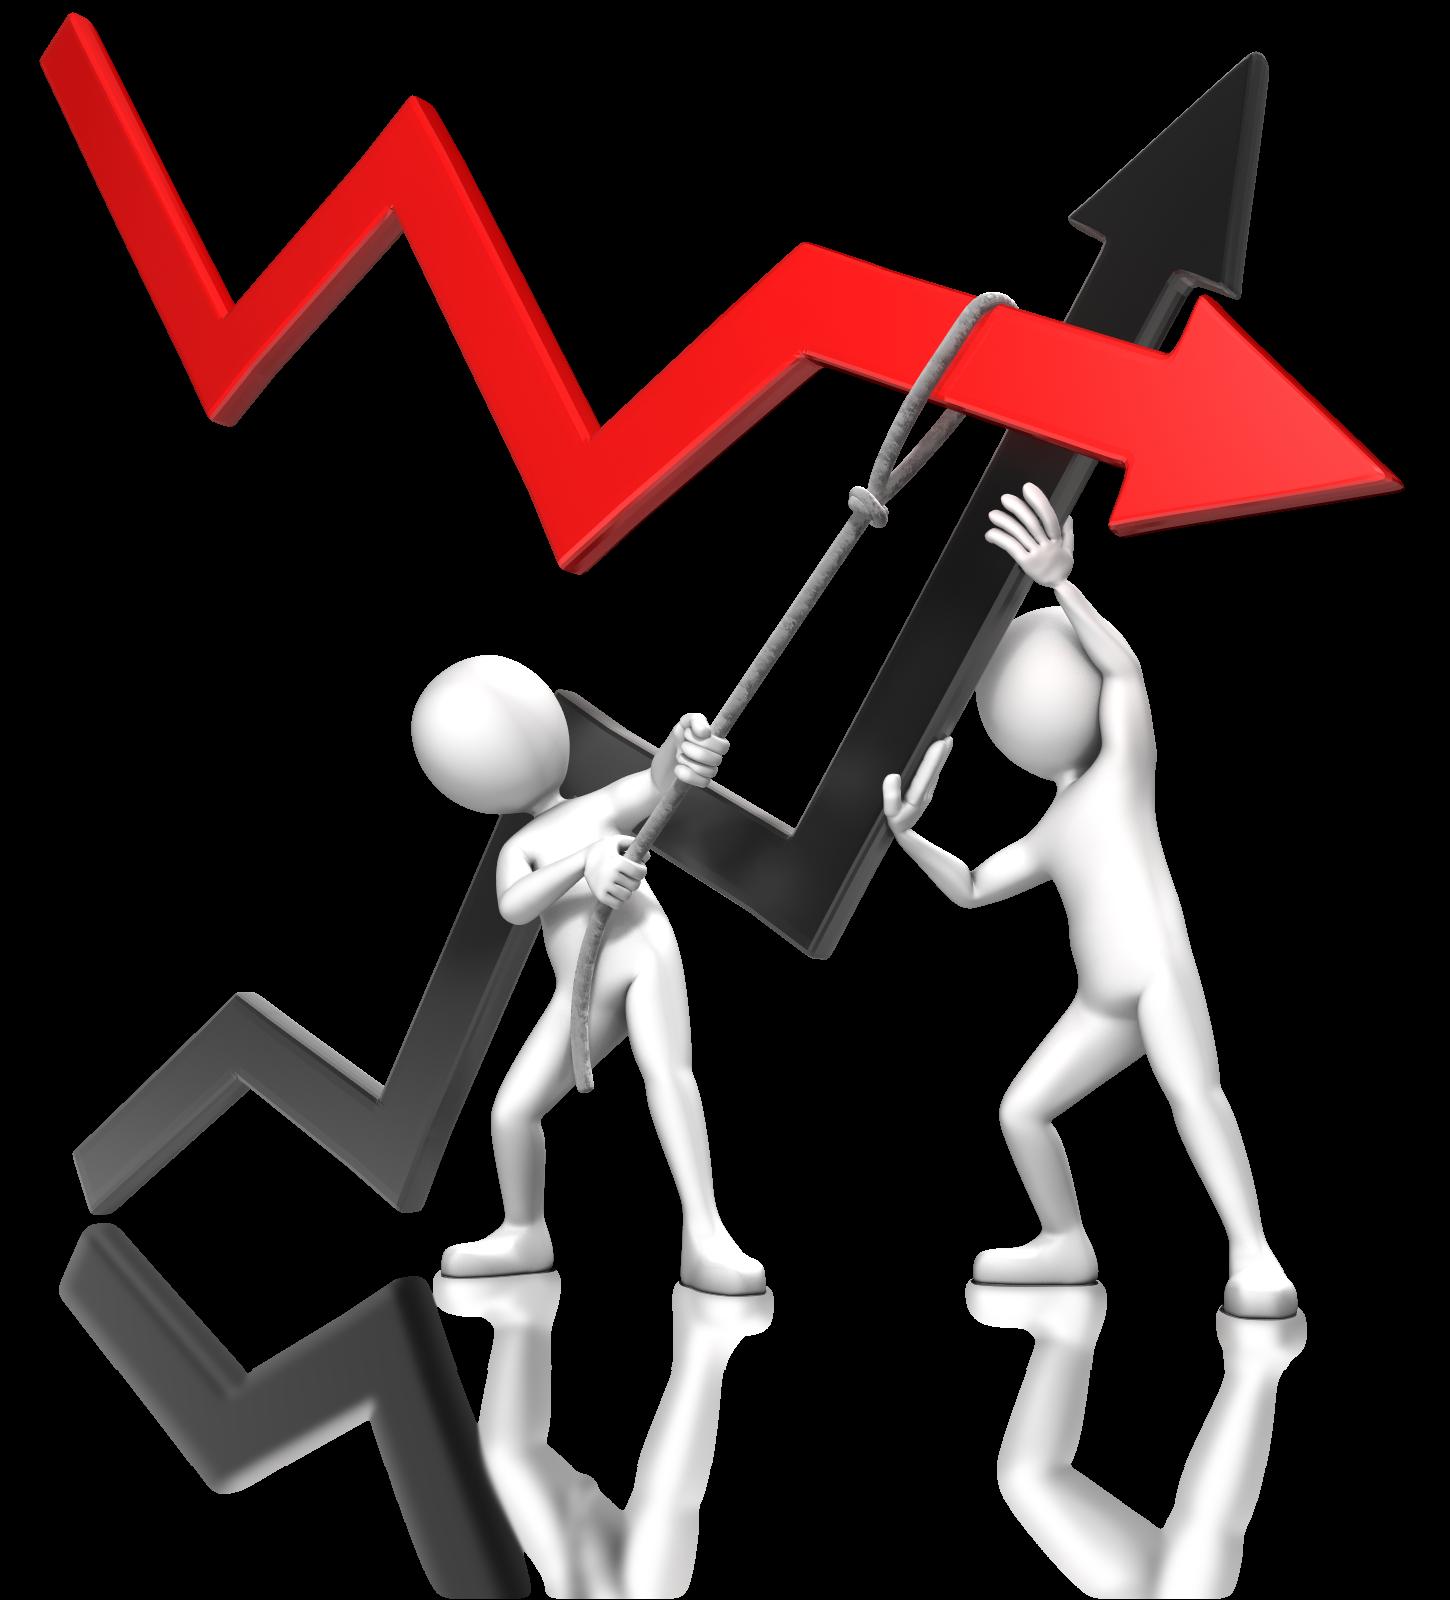 анализ рисков в бизнесе